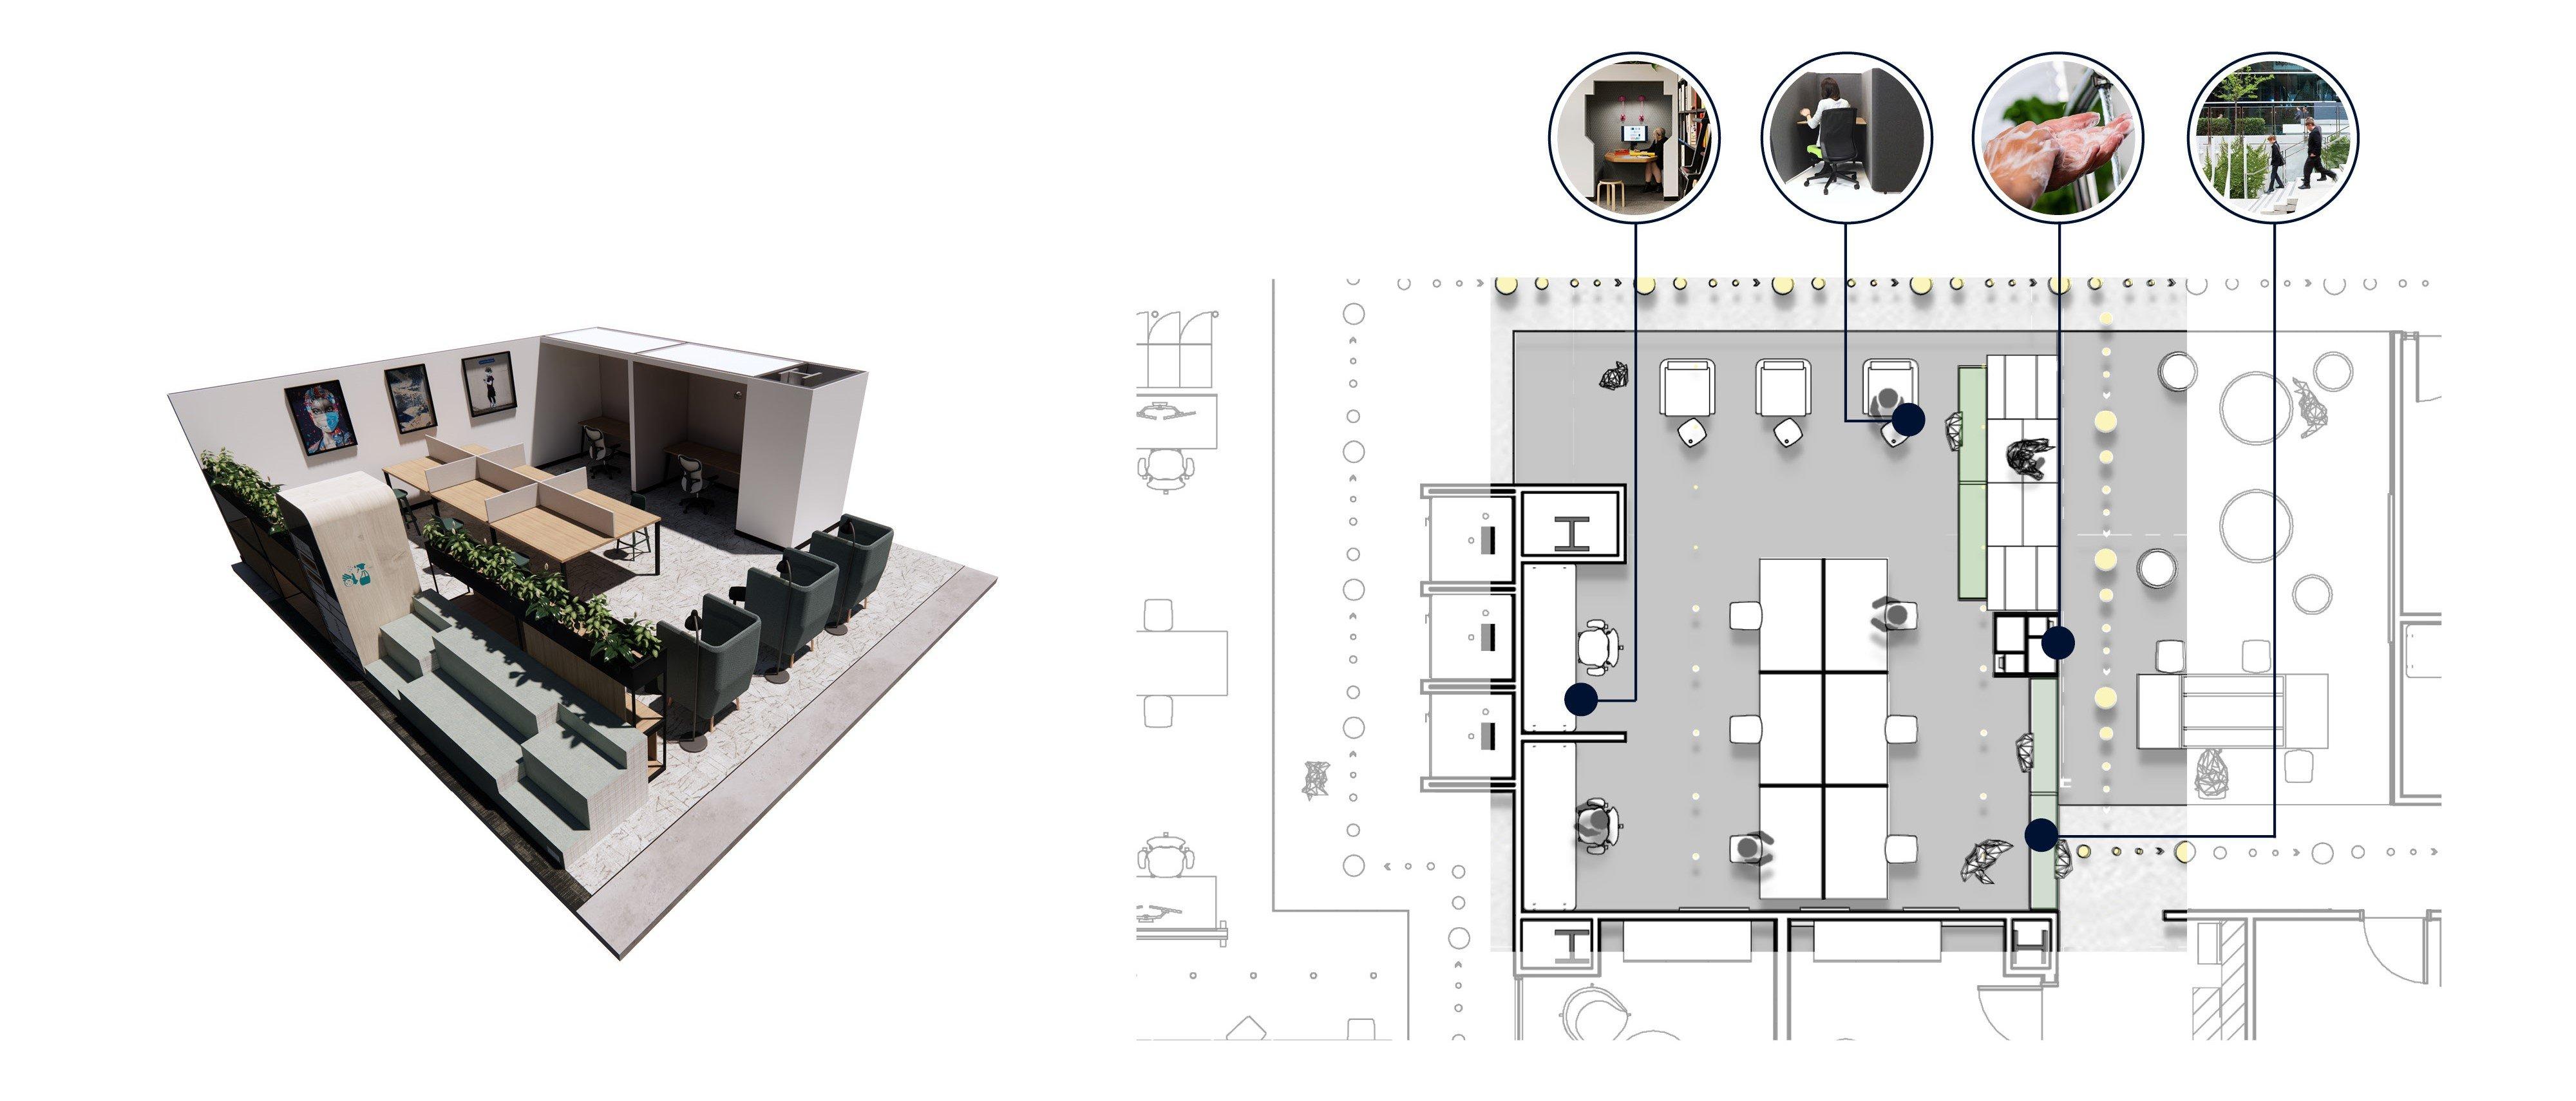 COVID redesign_working lab_UnispaceCROP